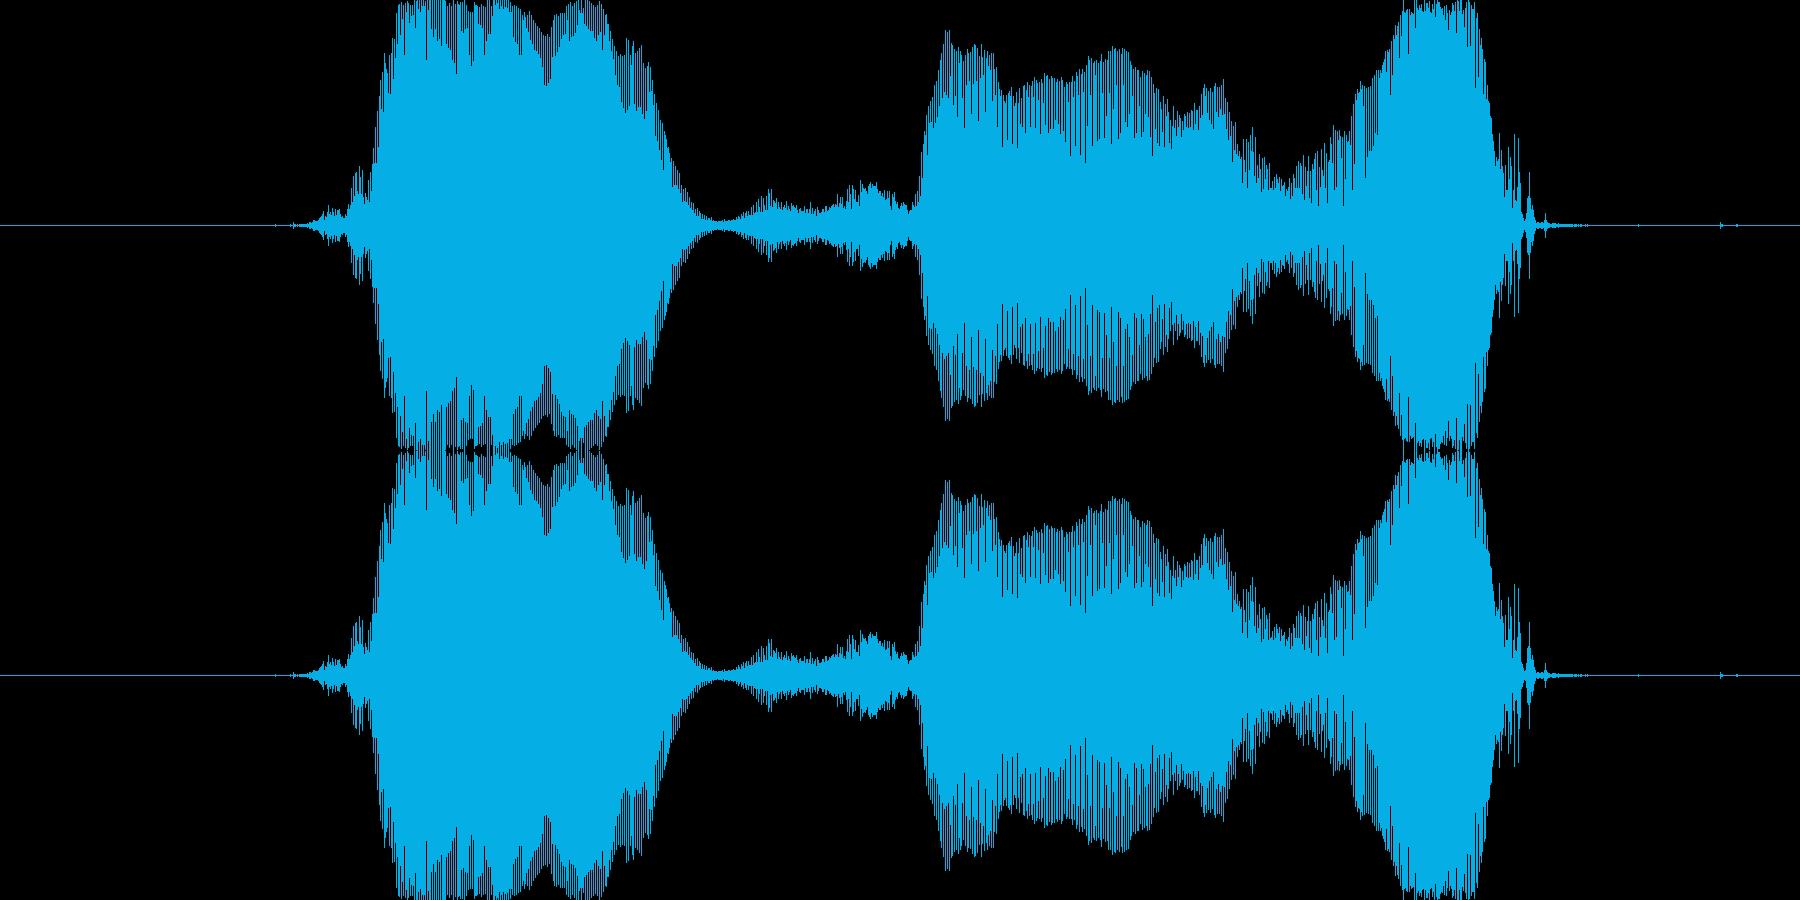 セーブし~よぉっ!の再生済みの波形